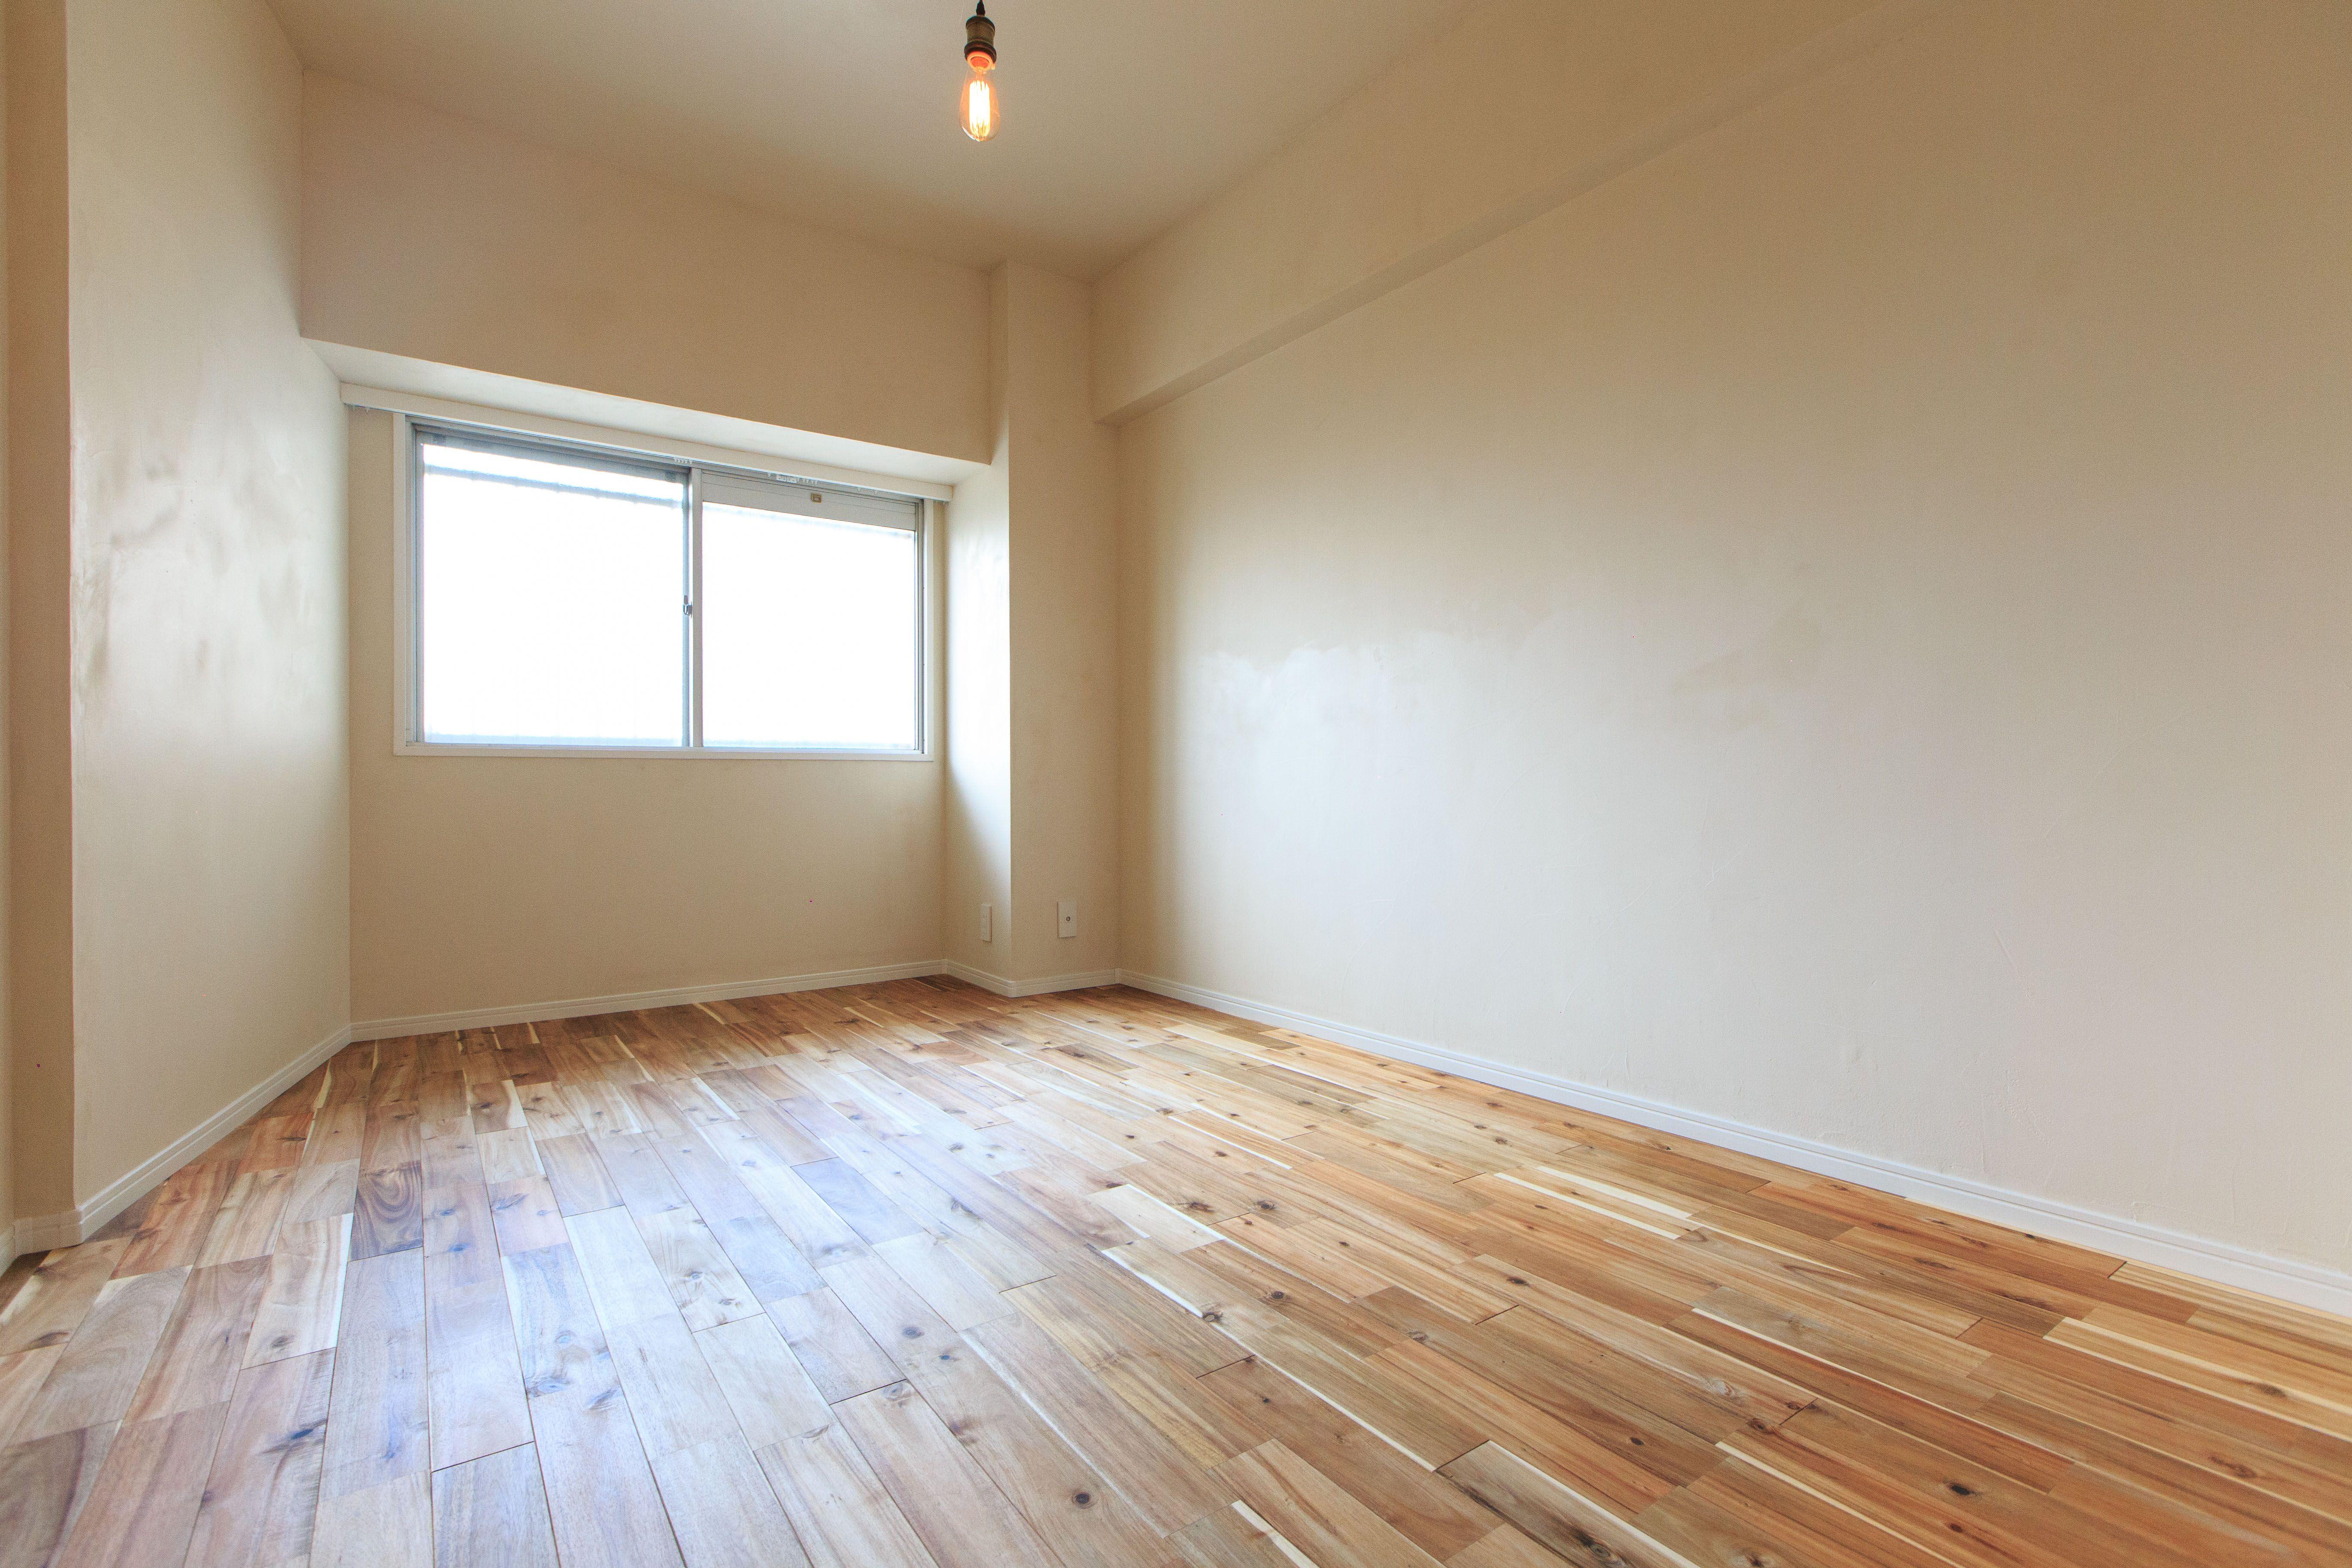 クロス貼りの洋室 天井 壁もシンプルなビニールクロスです 洋室 リフォーム 壁